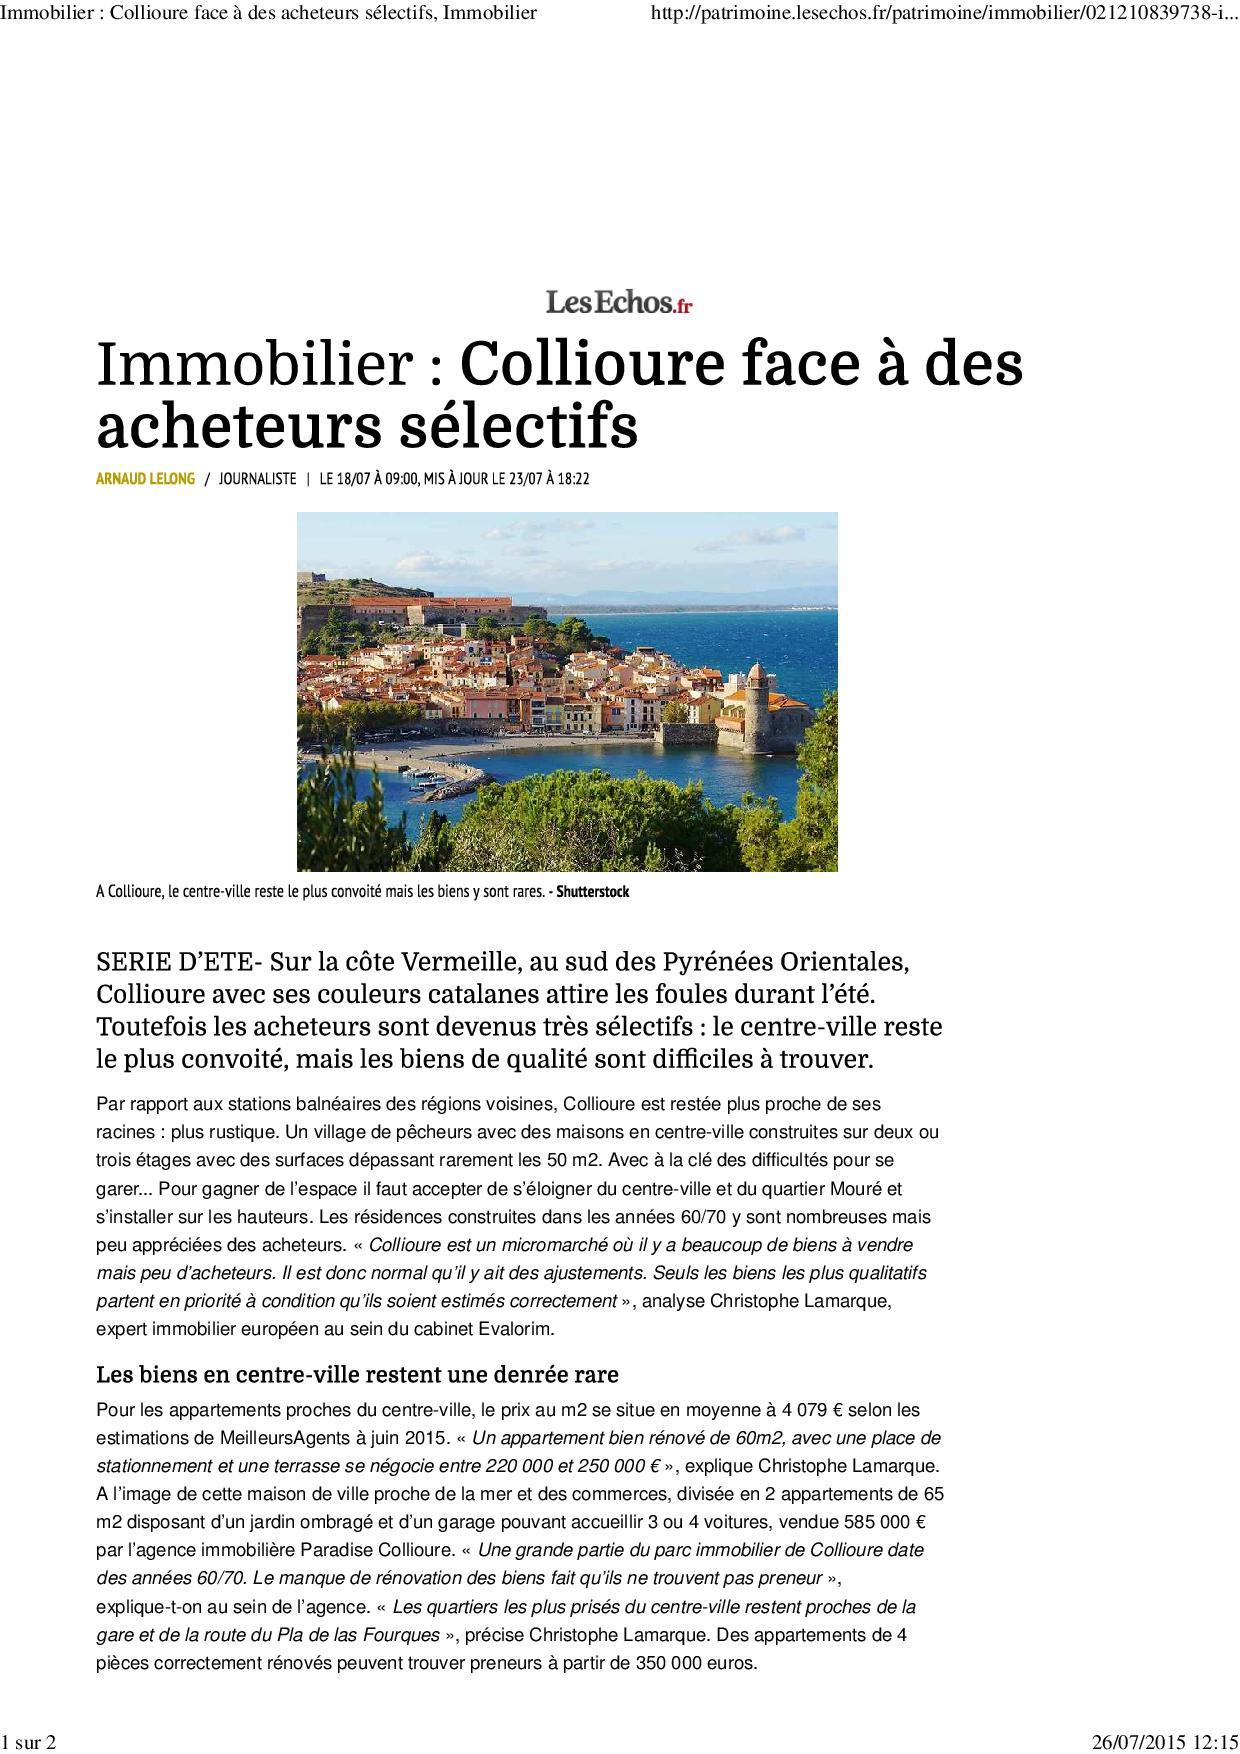 Immobilier _ Collioure face à des acheteurs sélectifs, Immobilier1